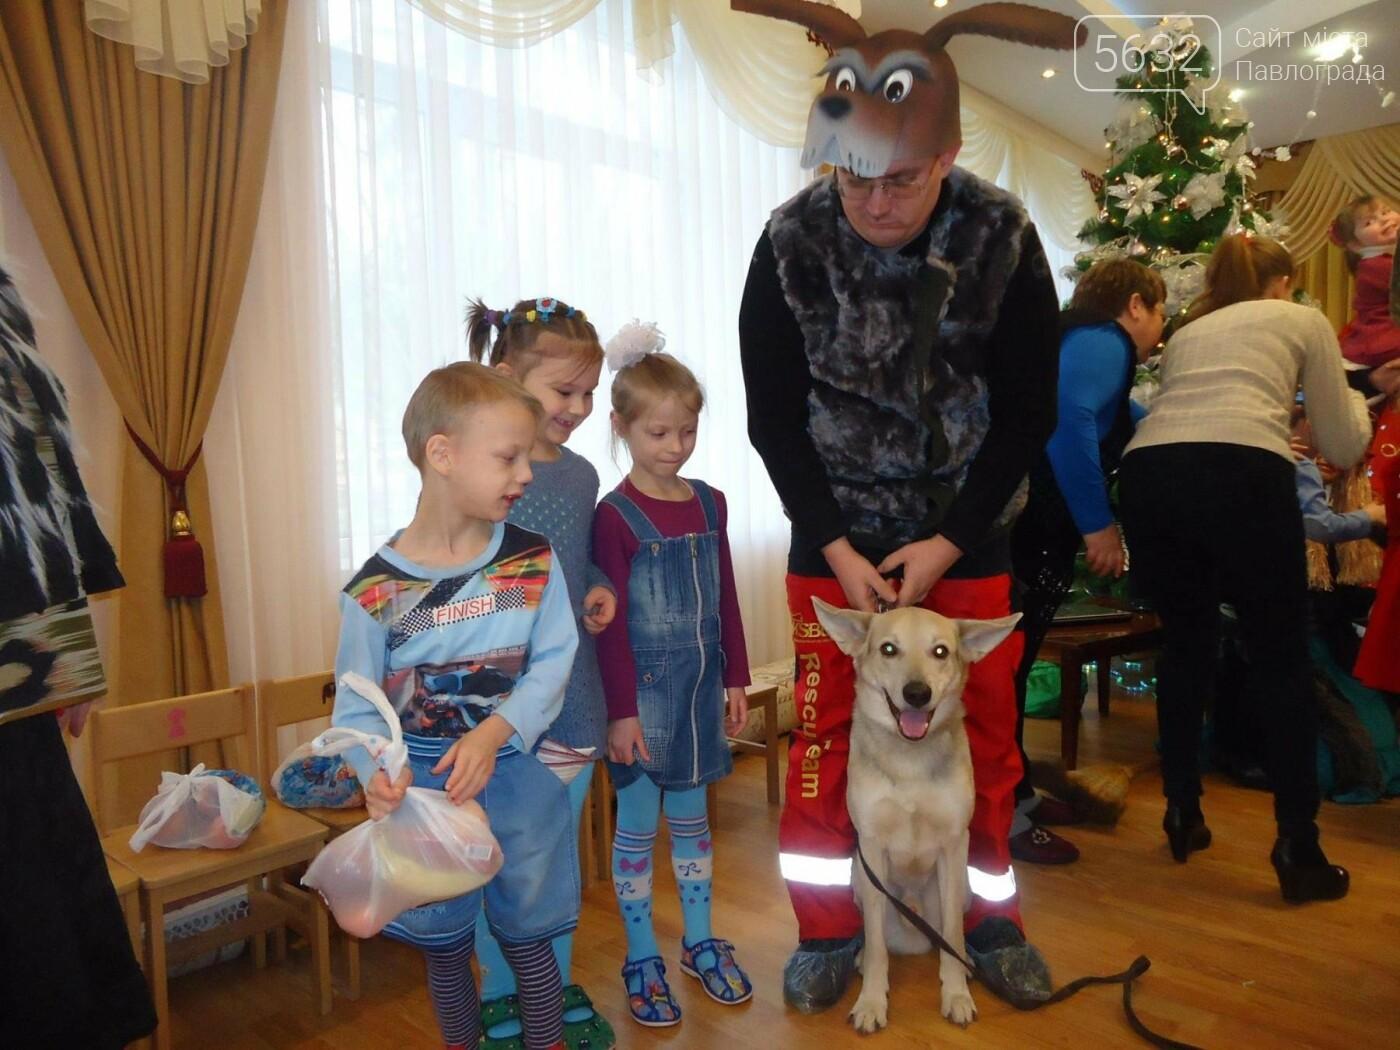 Павлоградські кінологи подарували малюкам Донеччини новорічне свято, фото-2